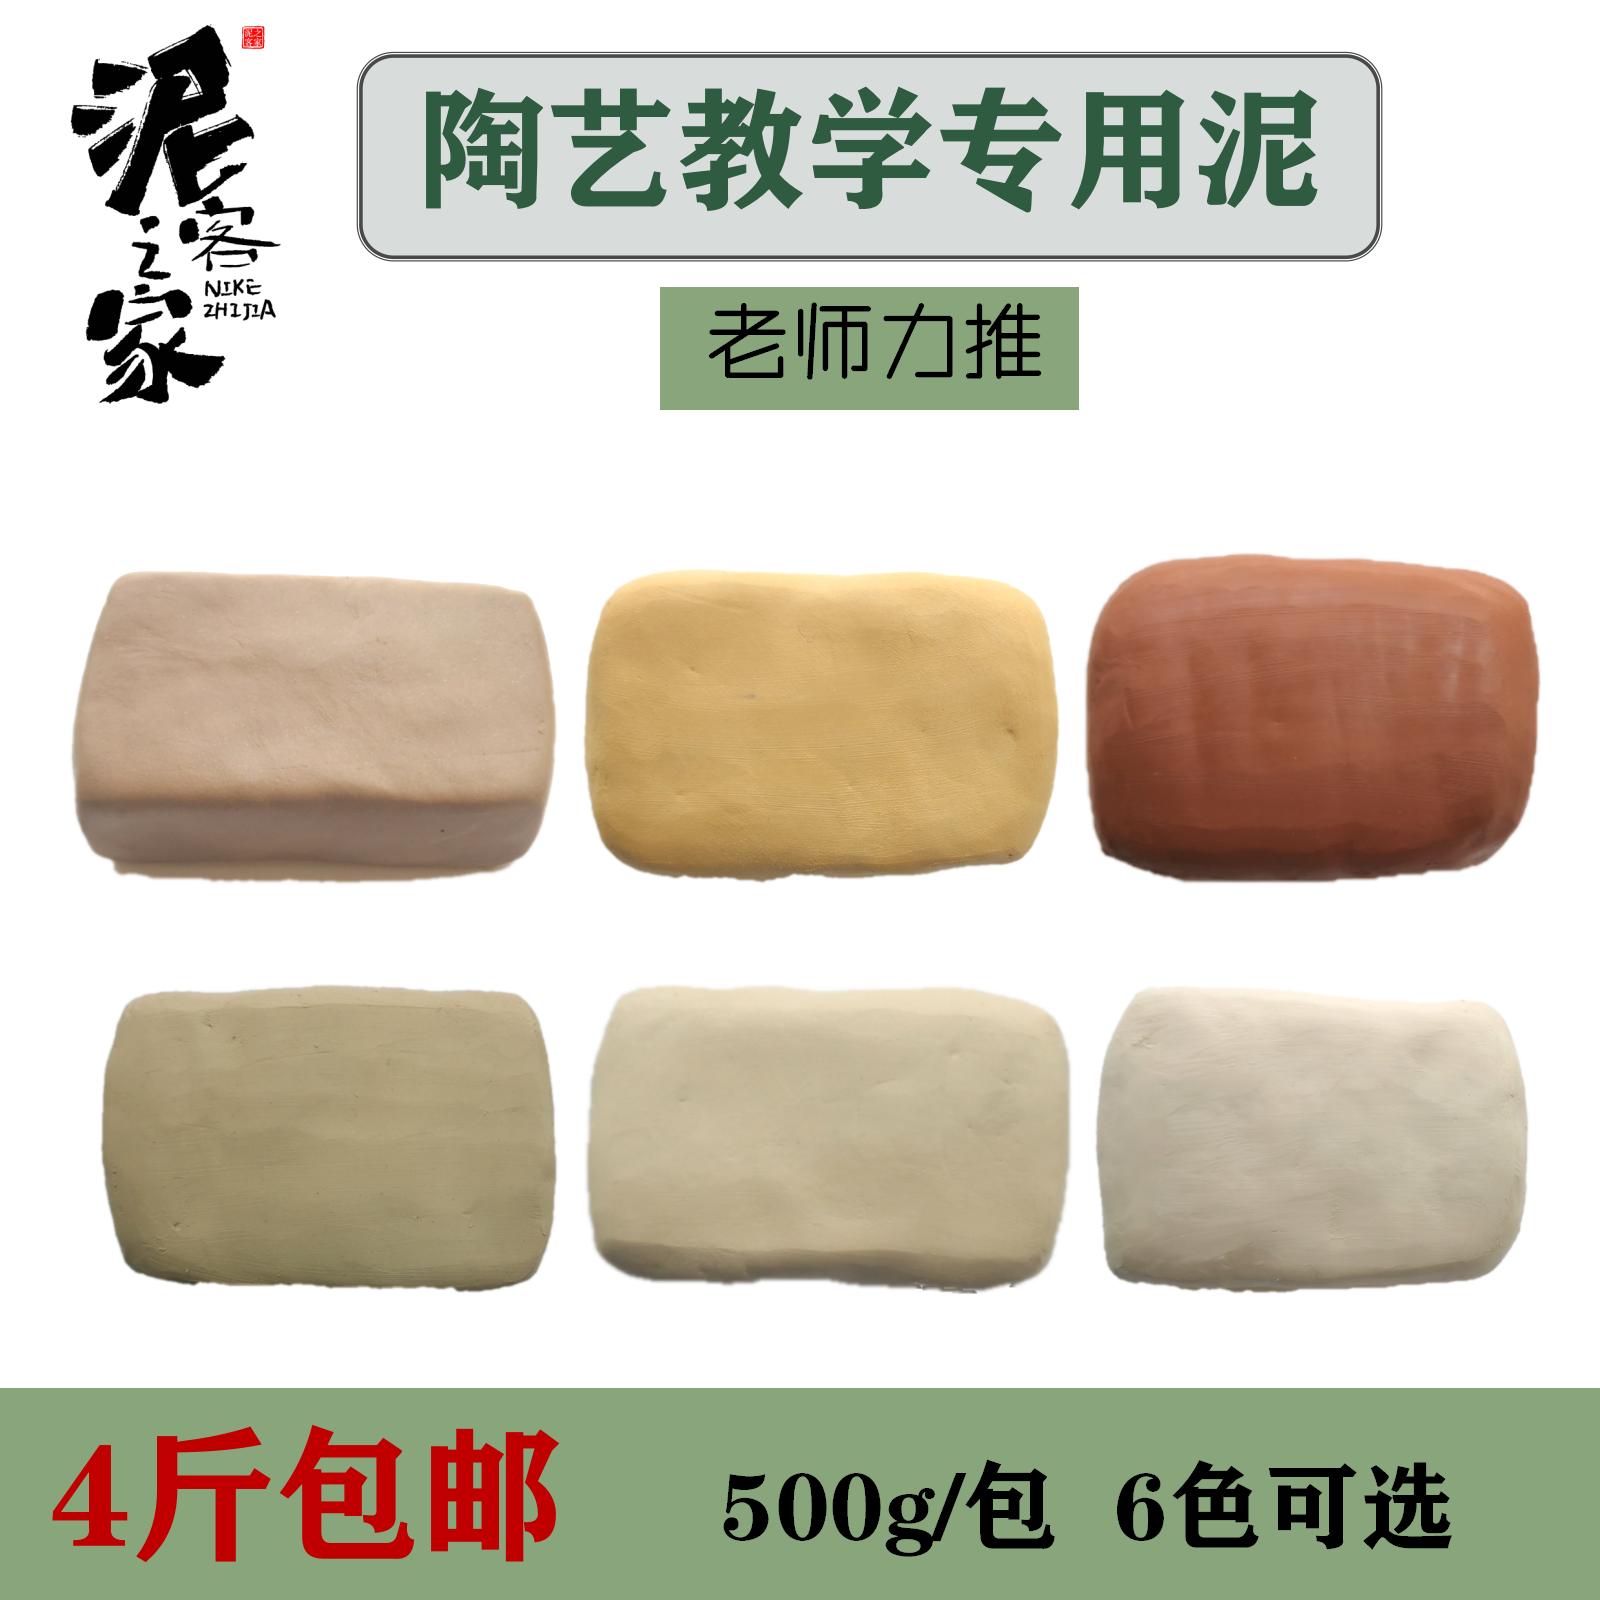 陶艺 diy学生儿童软陶泥高白泥手工制作免烧雕塑泥带工具500g袋装